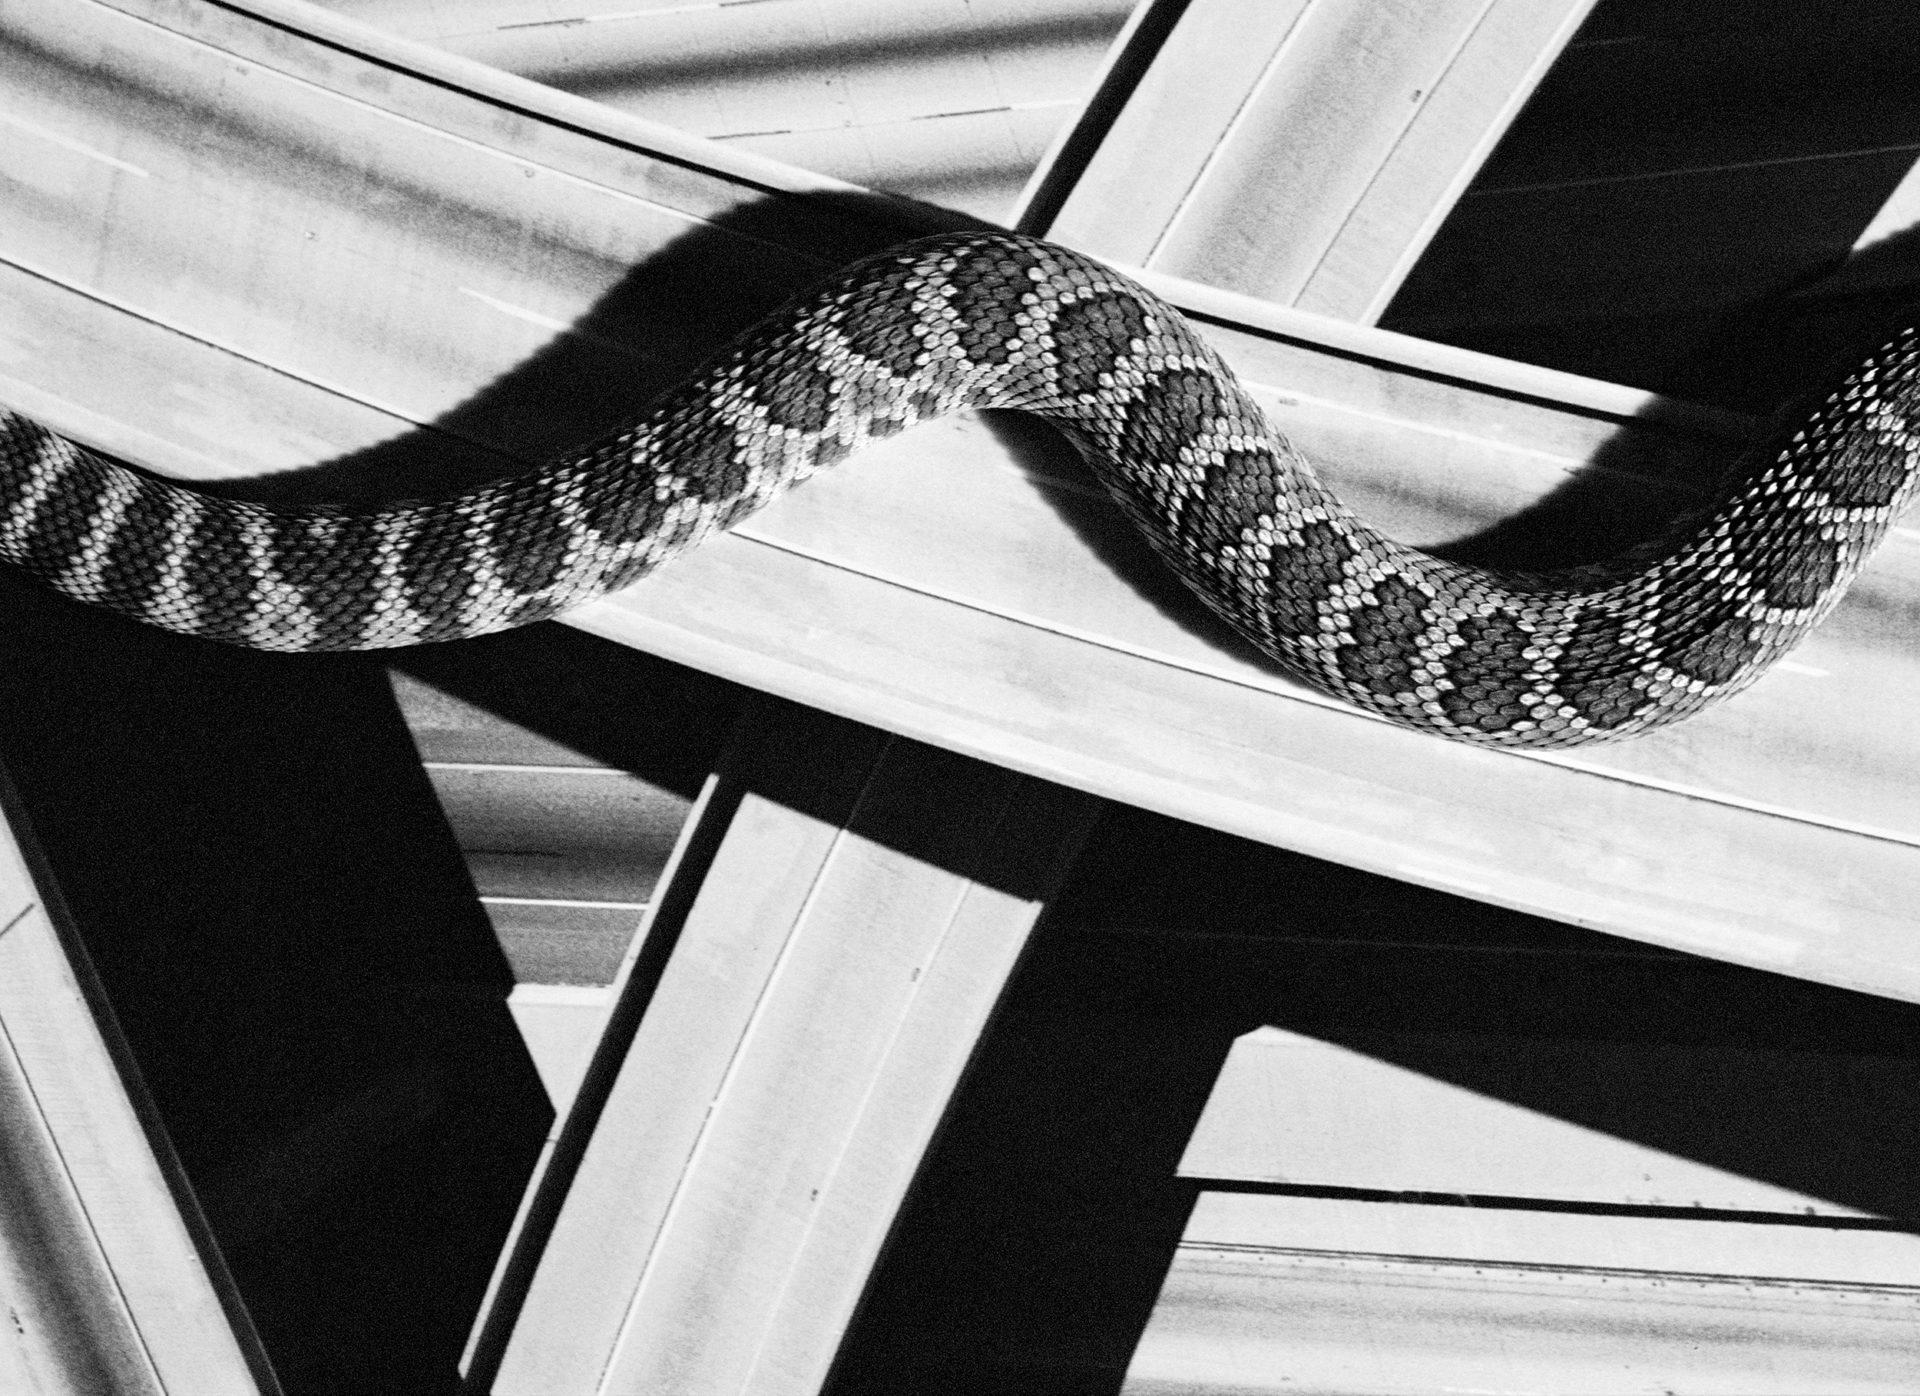 davidblack-cerrogordo-snake2-1920x1396